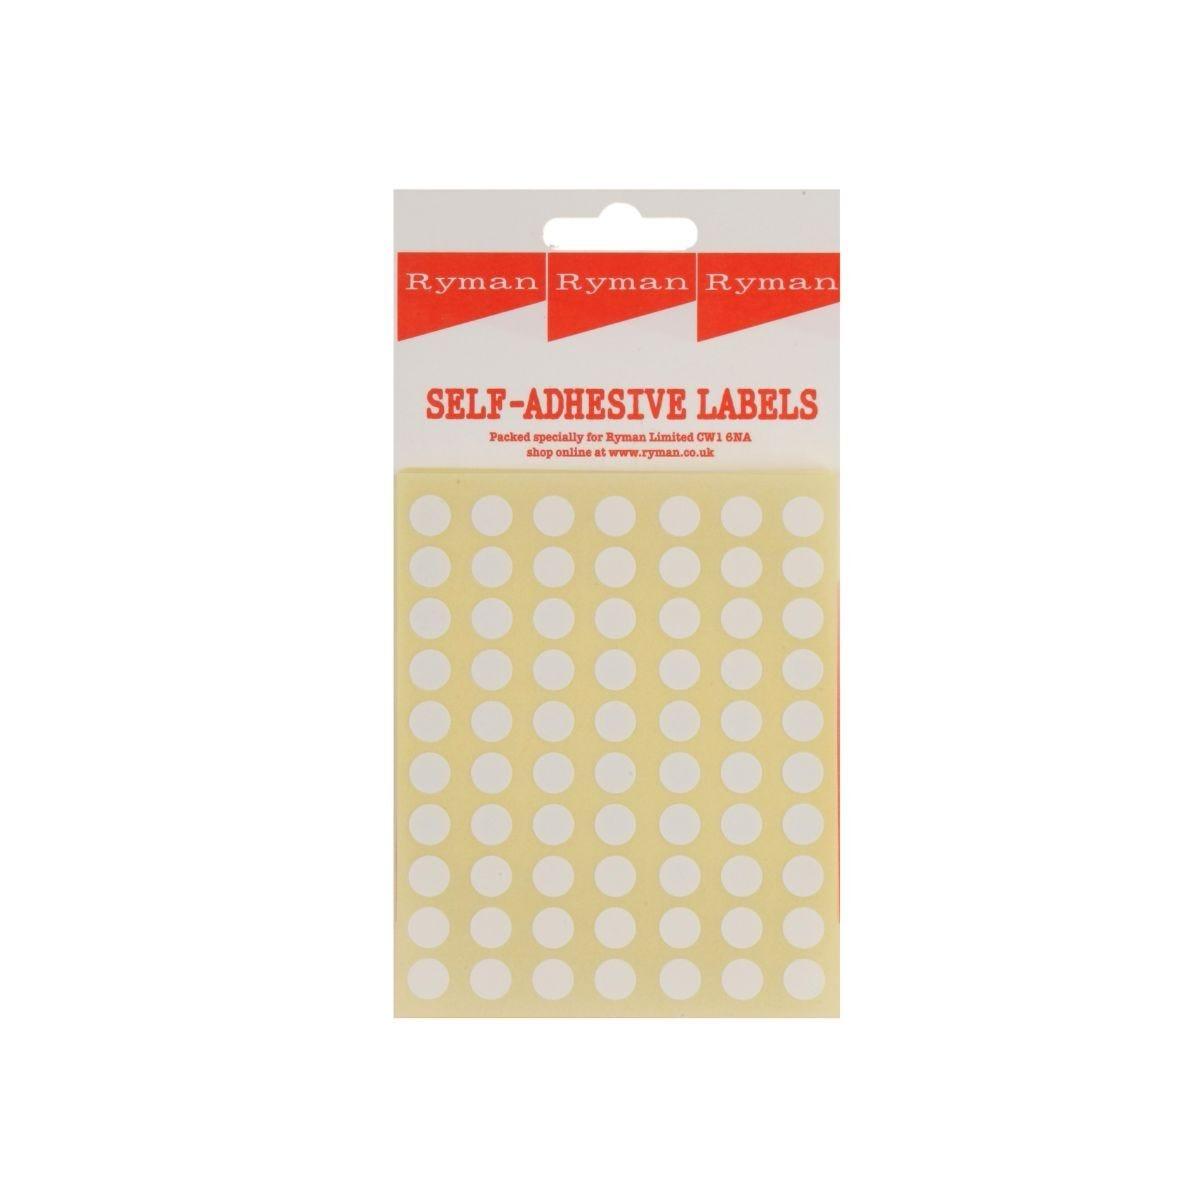 Ryman Self Adhesive Labels 8mm Diameter 70 per Sheet Pack of 700 White